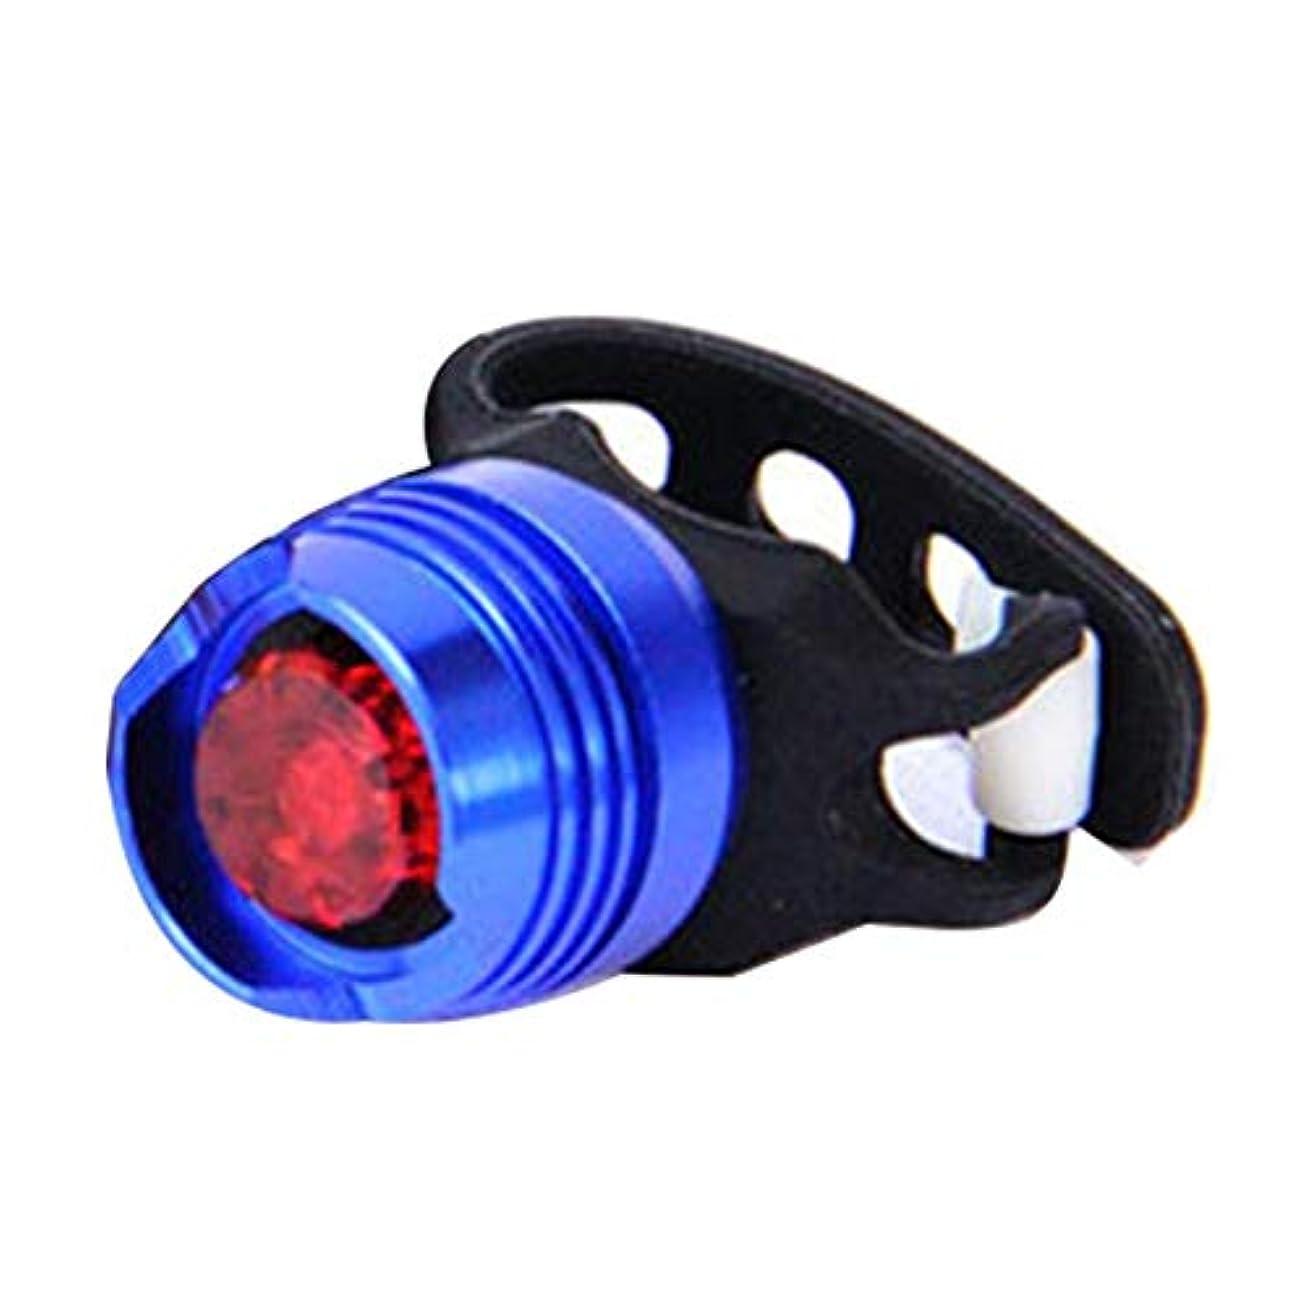 ほかに主流アサートAWHAO 防水 自転車テールライト セーフティーライト 自転車フロントライト USB充電式 6点灯モード 高輝度LED懐中電灯 バックライト 夜間 事故防止 安全警告灯 尾灯 アウトドア用